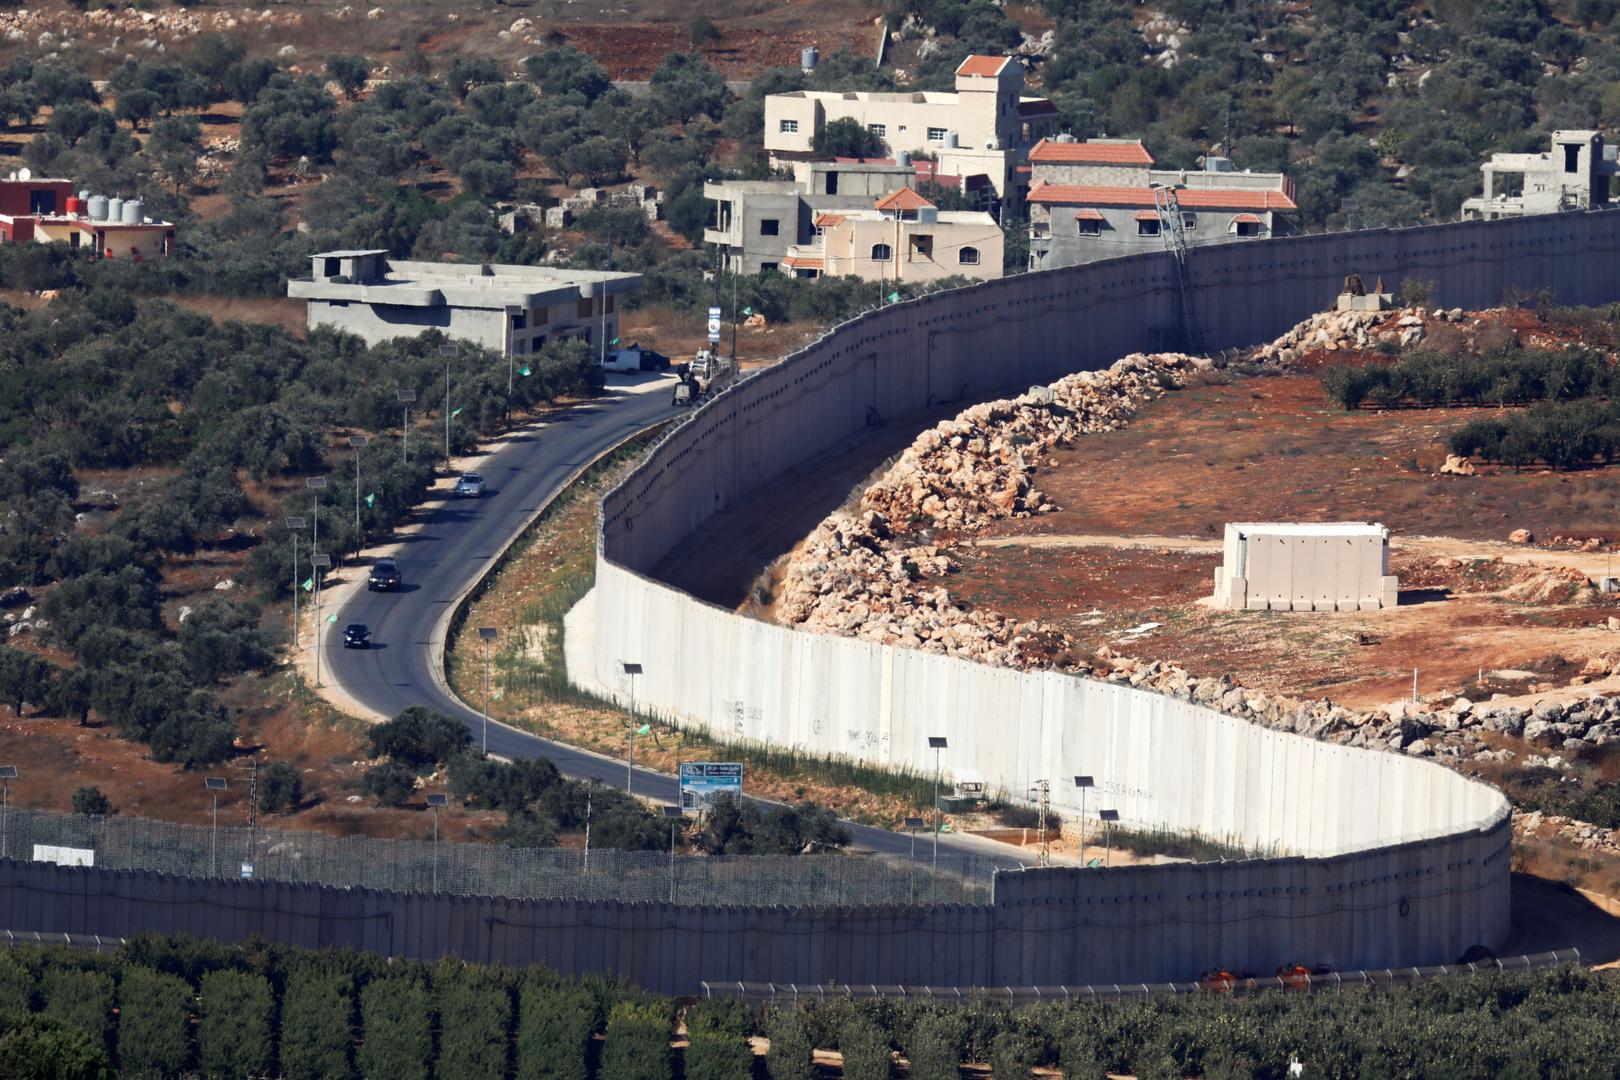 الجريدة: إسرائيل بعثت رسالة تهدئة إلى حزب الله